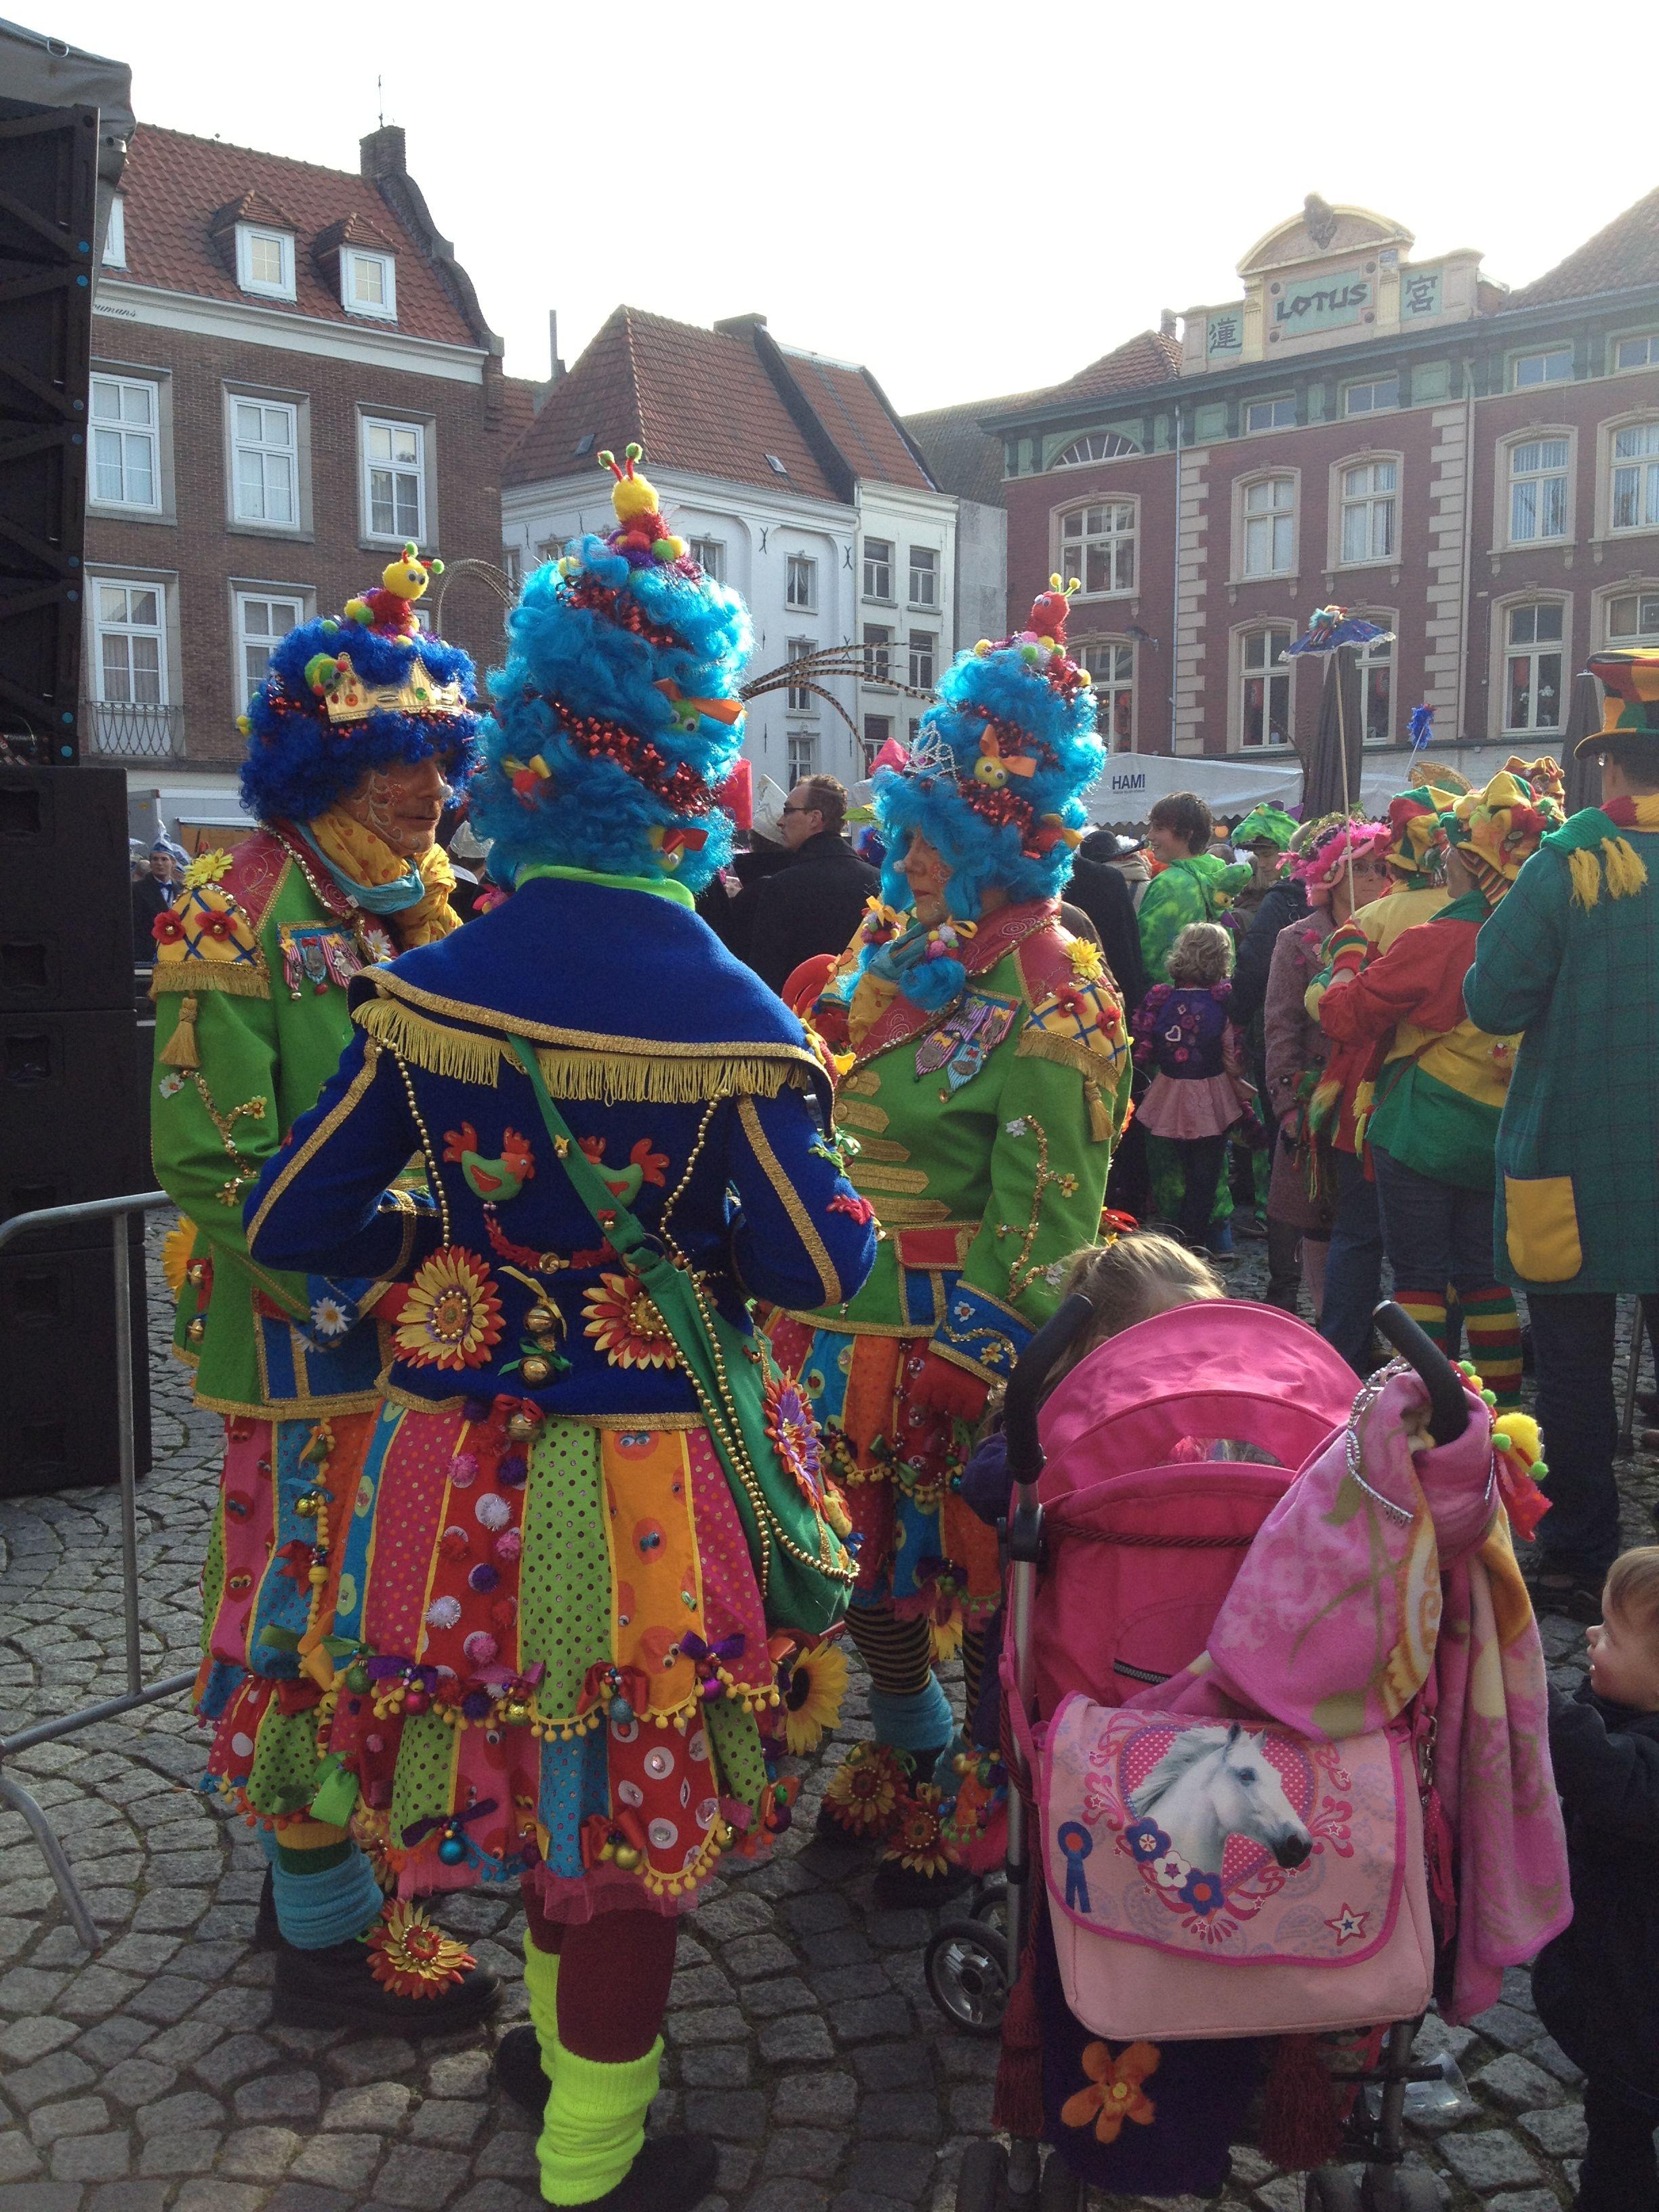 11 Van 11 2013 Carnaval Kostuums Carnaval Feestdagen En Evenementen